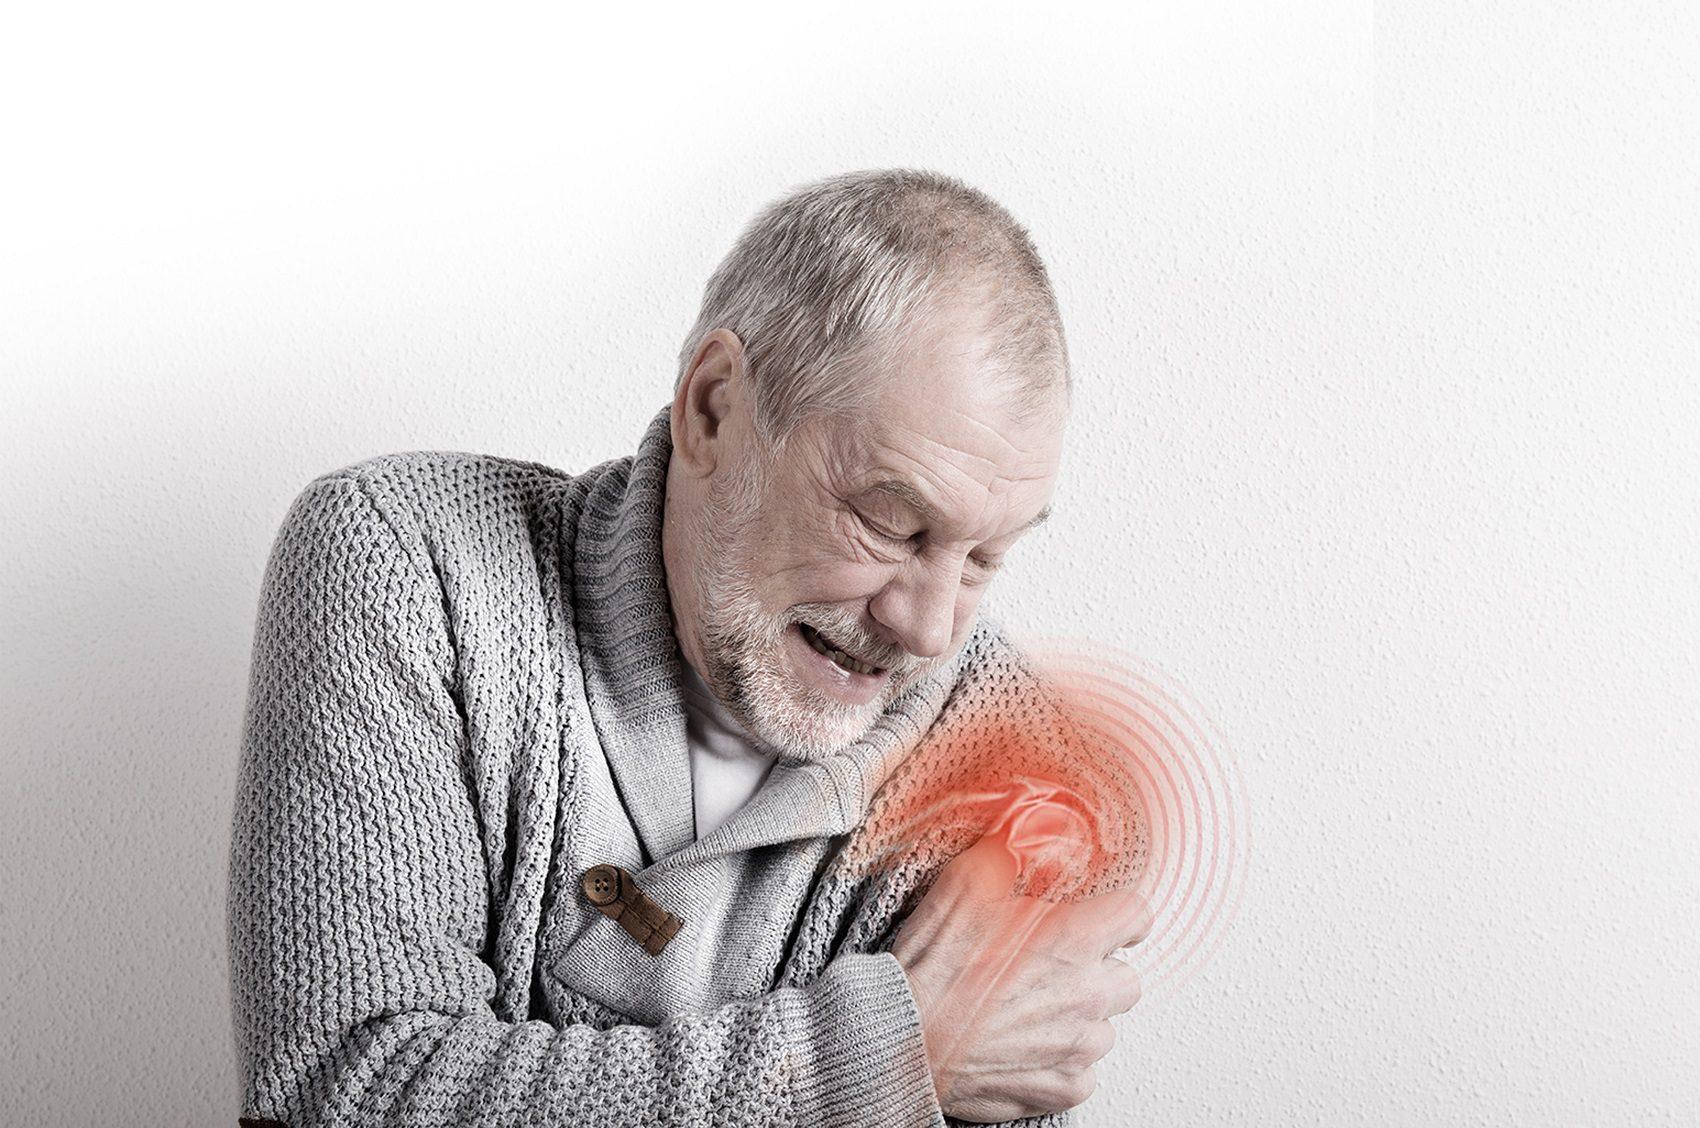 ปวดไหล่ ยกแขนขึ้นไม่สุด สัญญาณเตือน กระดูกงอกทับเอ็นข้อไหล่...โรคใกล้ตัววัย 50+